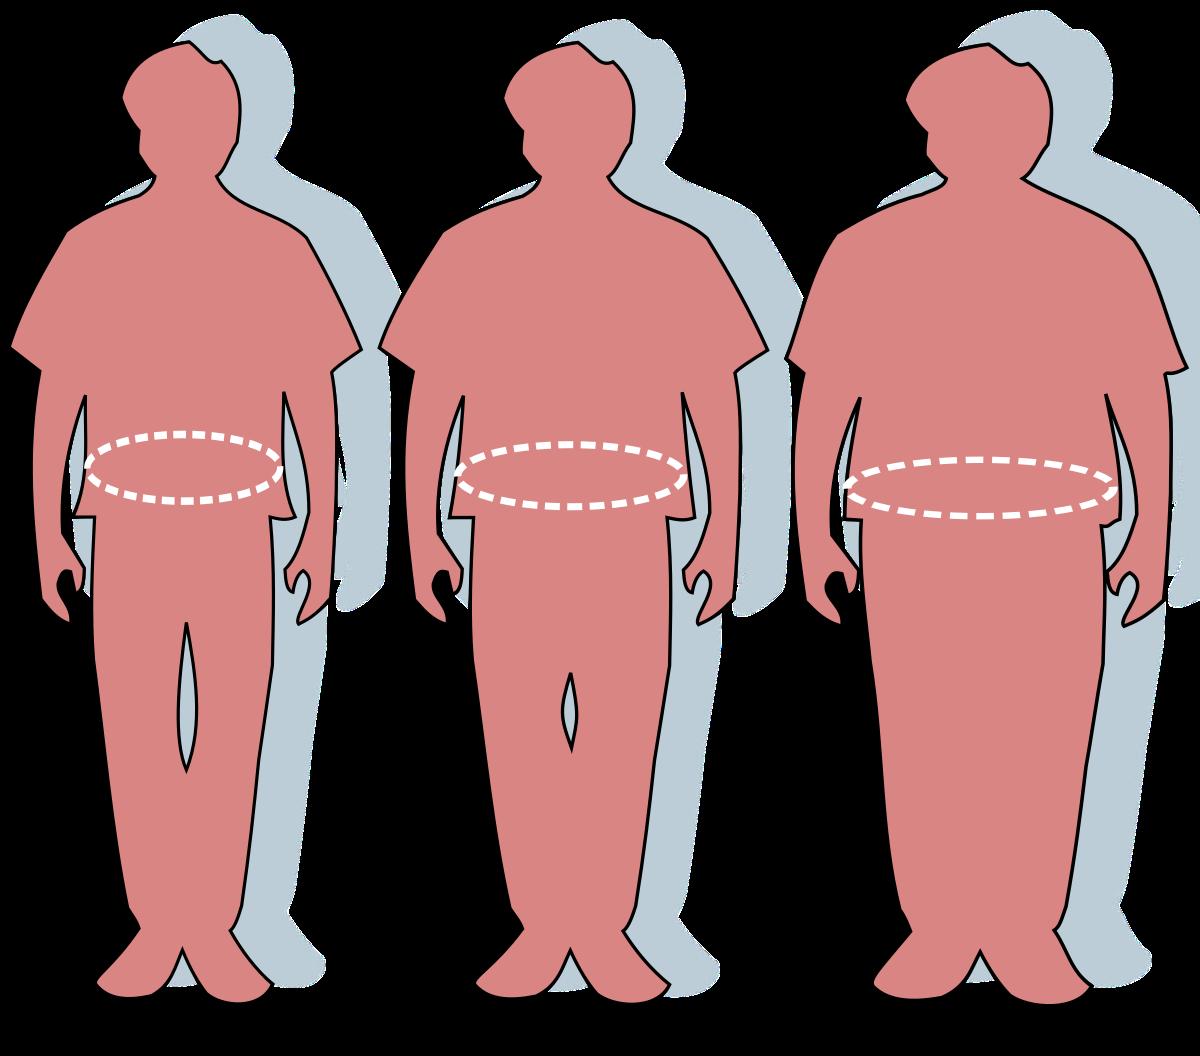 البدانة ليست قدراً على الرغم من معطياتها المنحوتة في الجينات